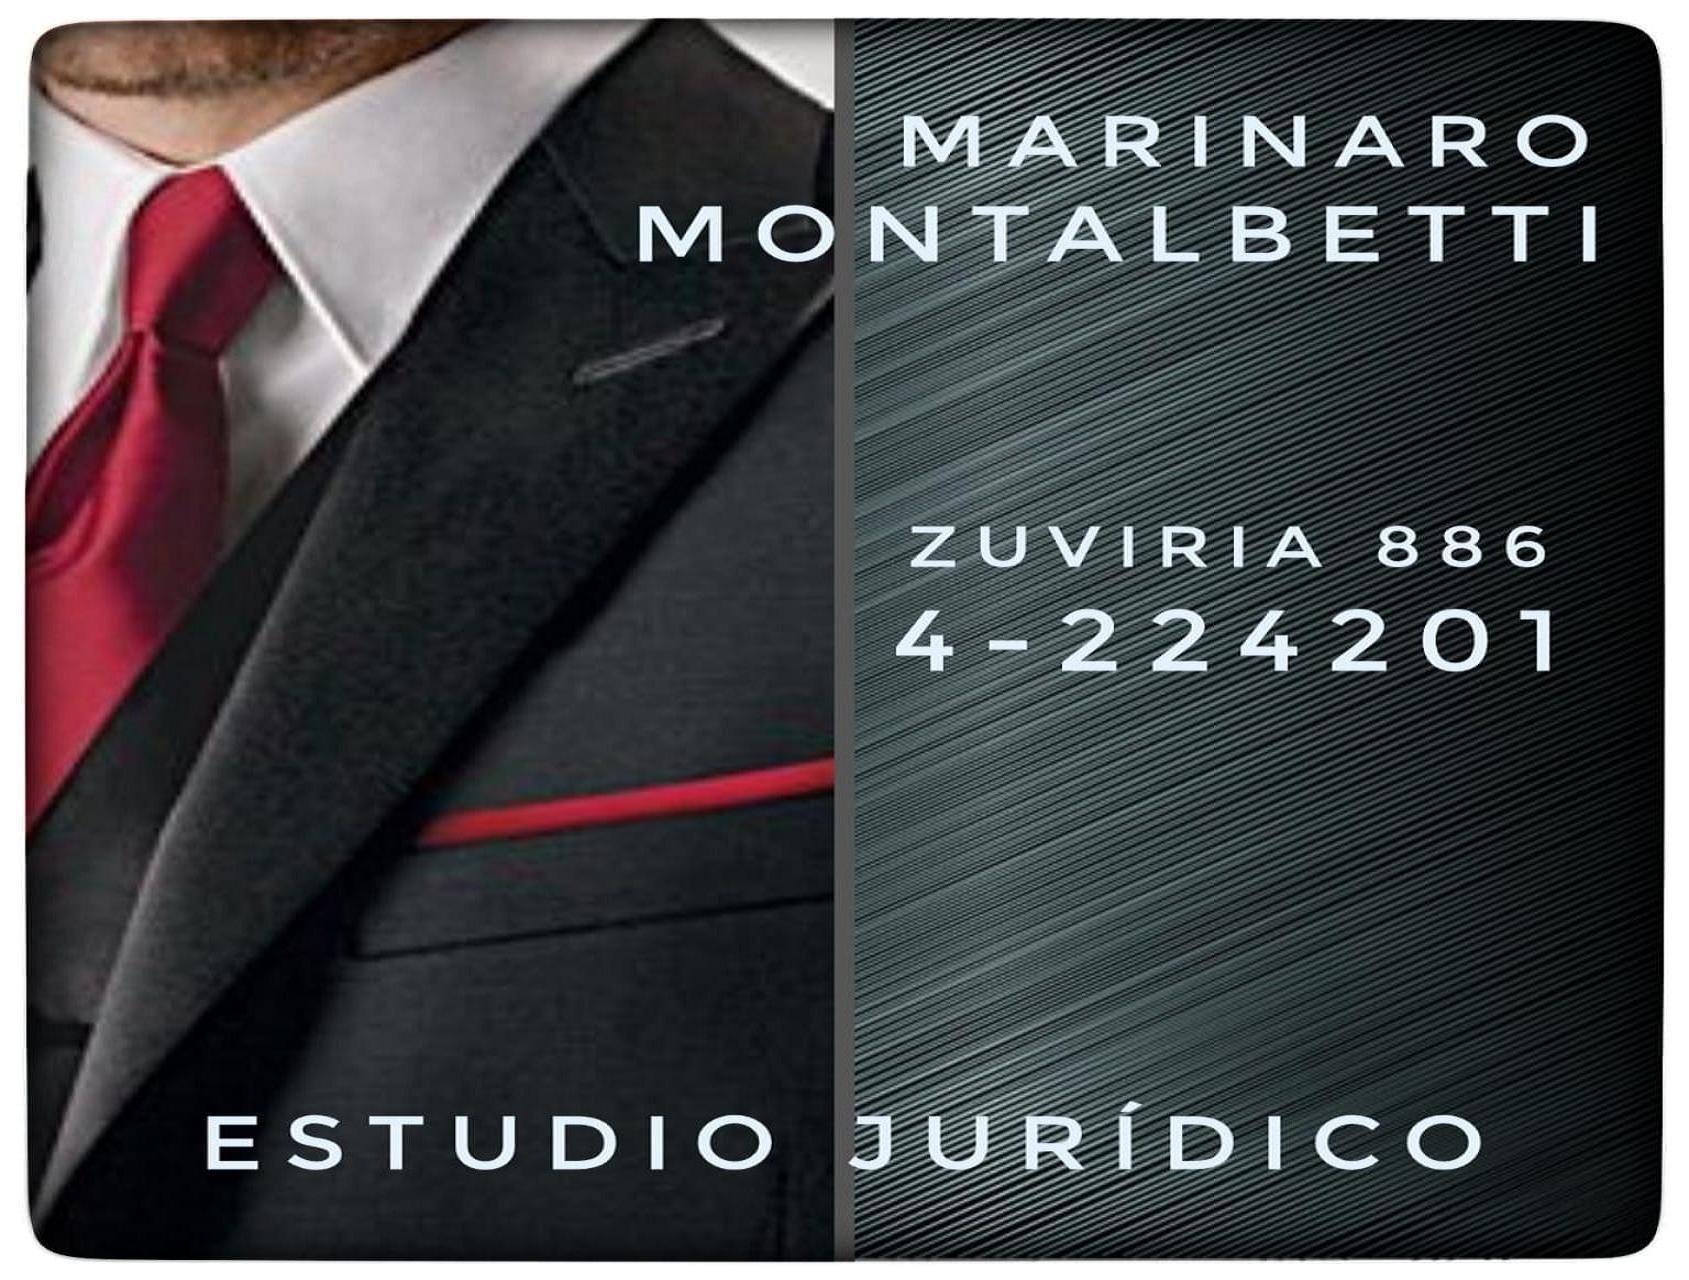 PABLO MARINARO MONTALBETTI - ESTUDIO JURIDICO